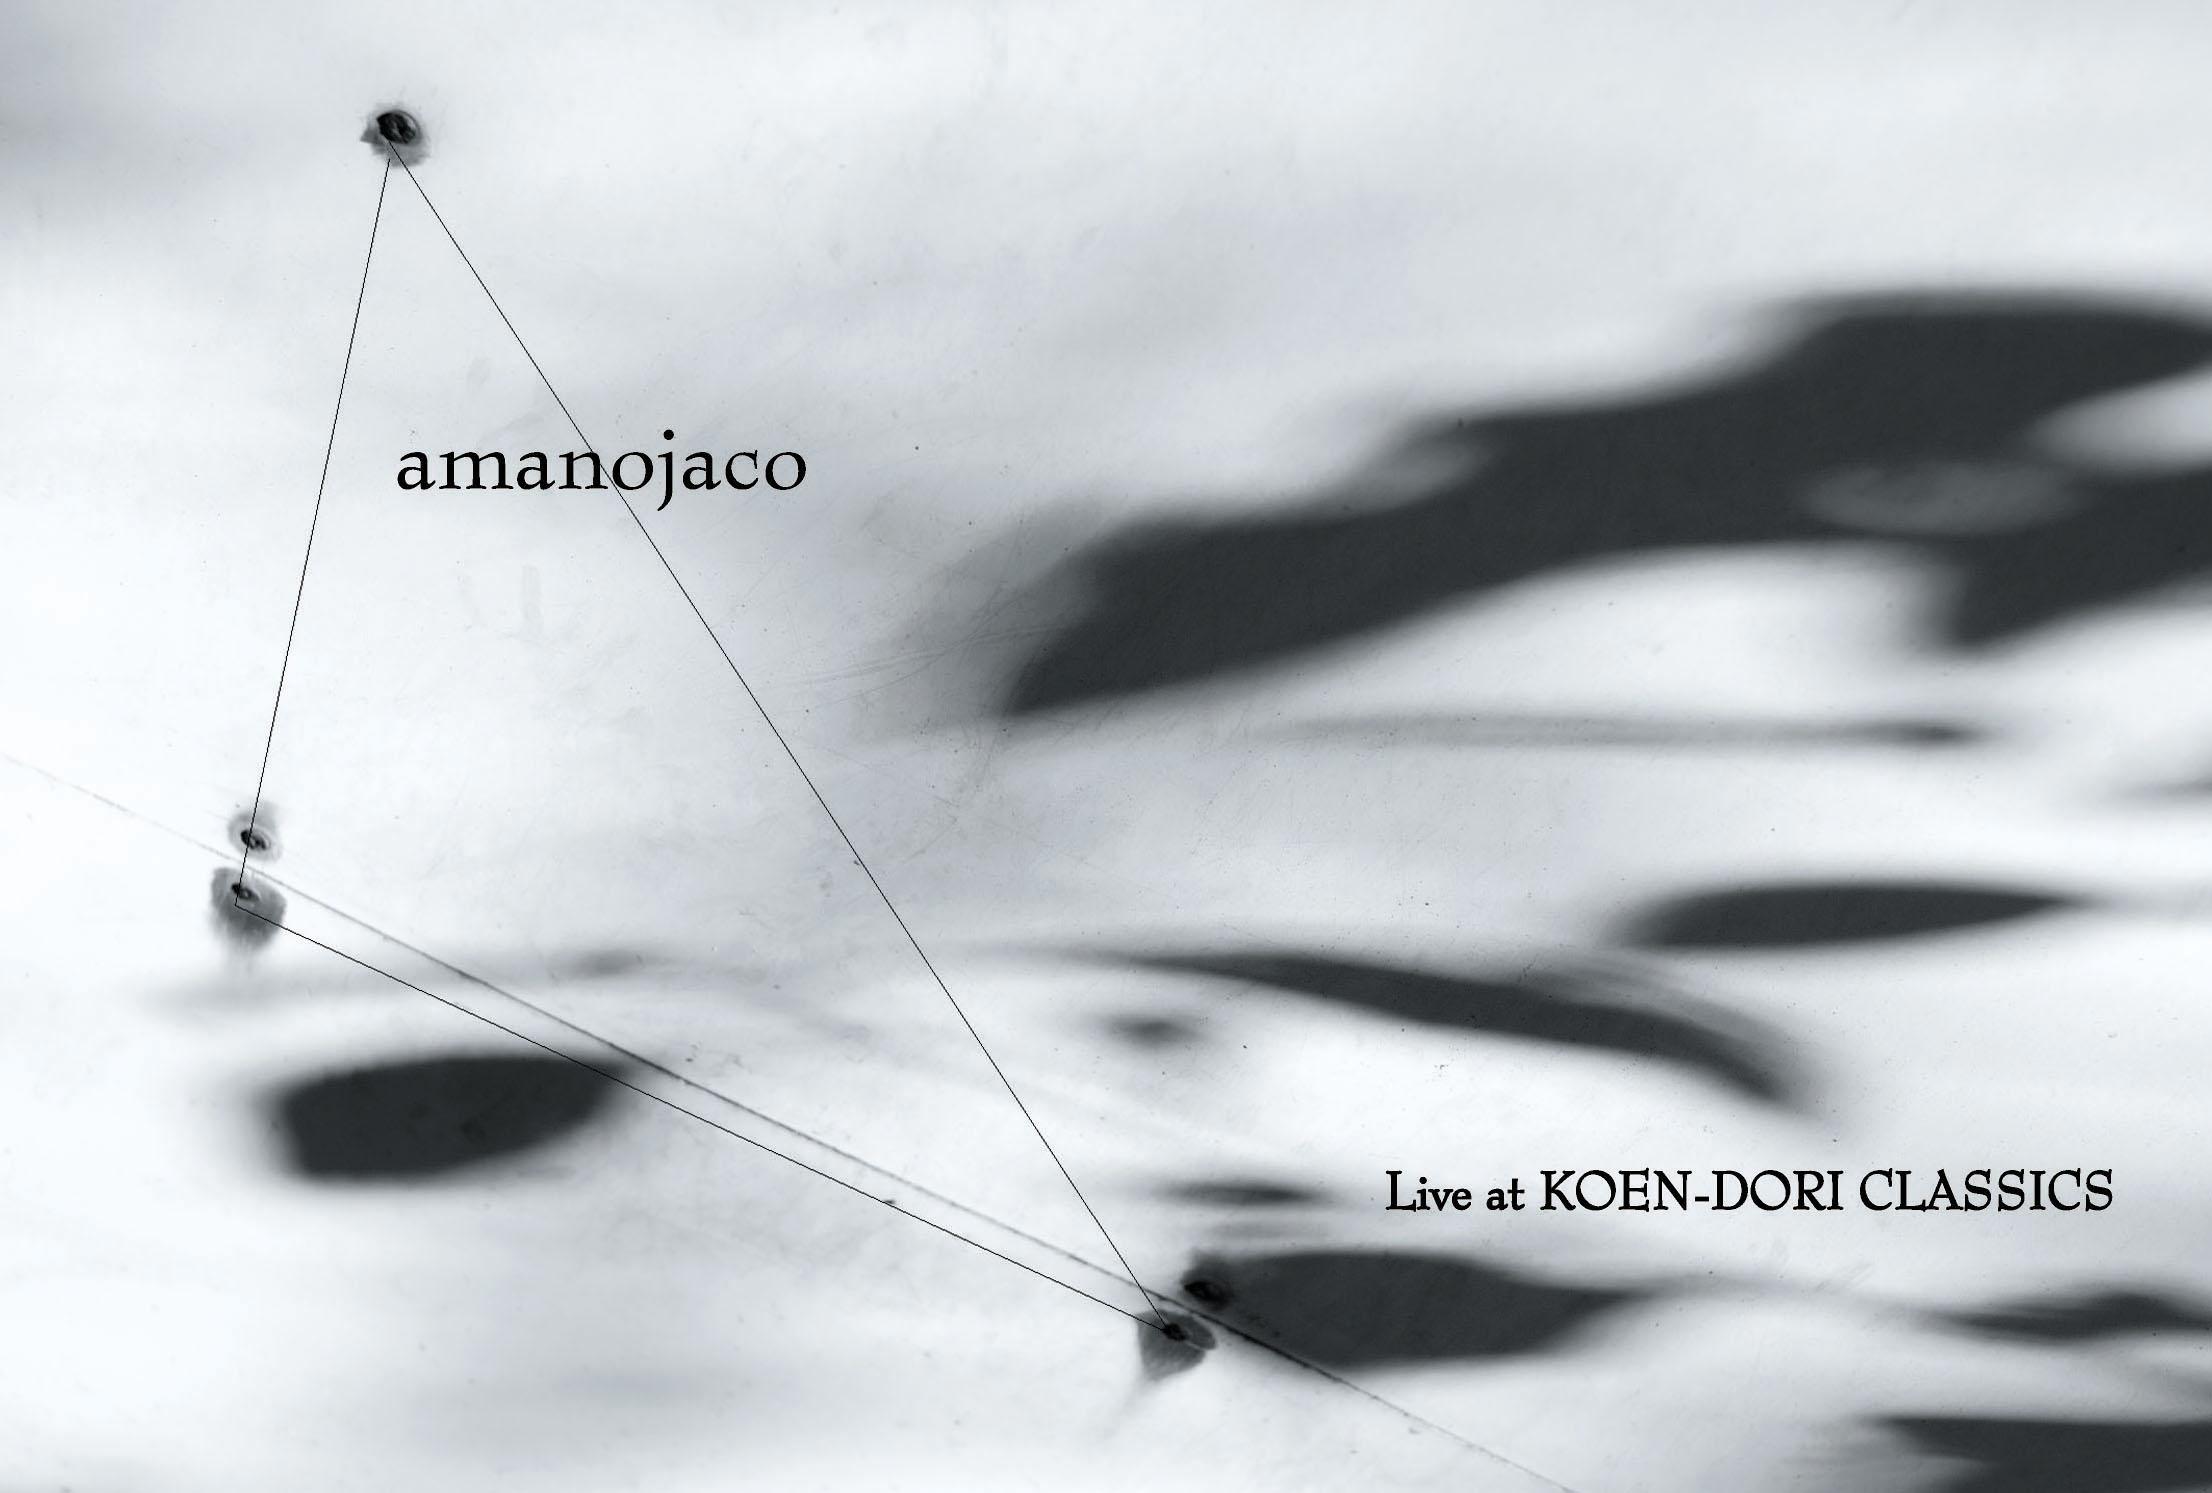 amanojaco LIVE